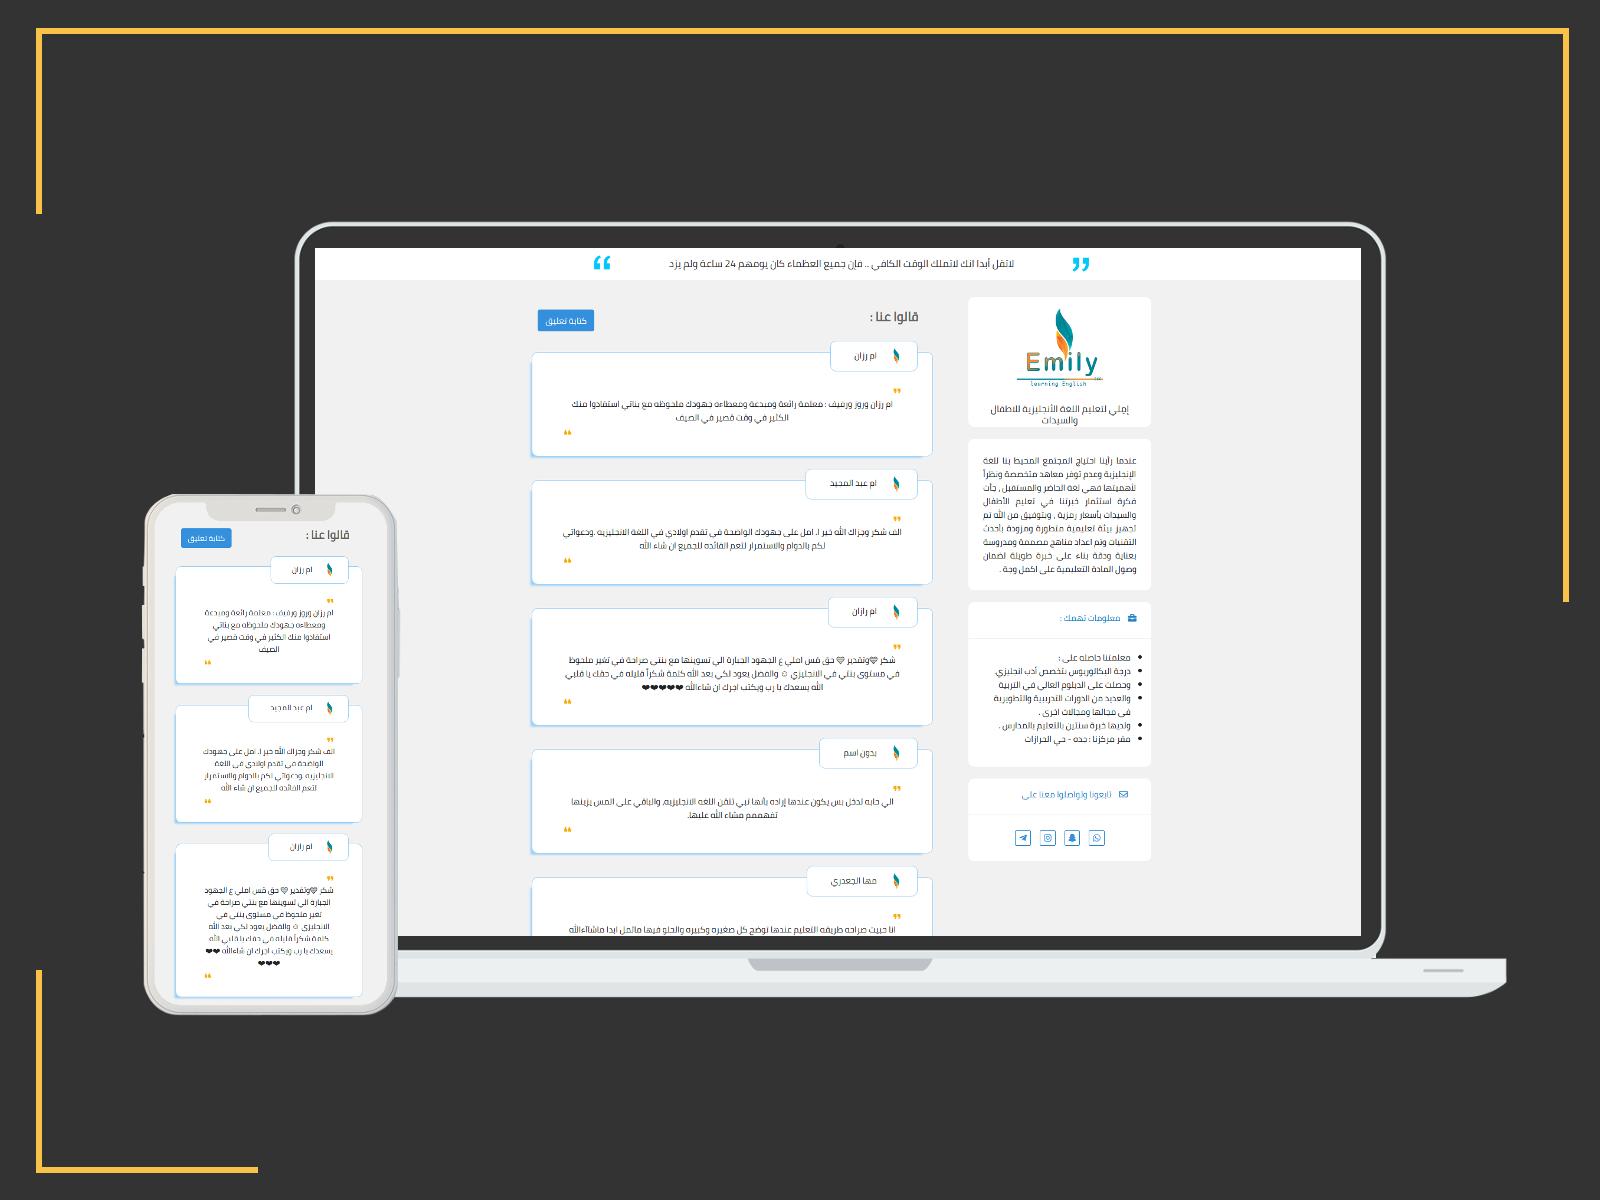 تطبيق بسيط لإستقبال آراء طلاب (تصميم و تكويد